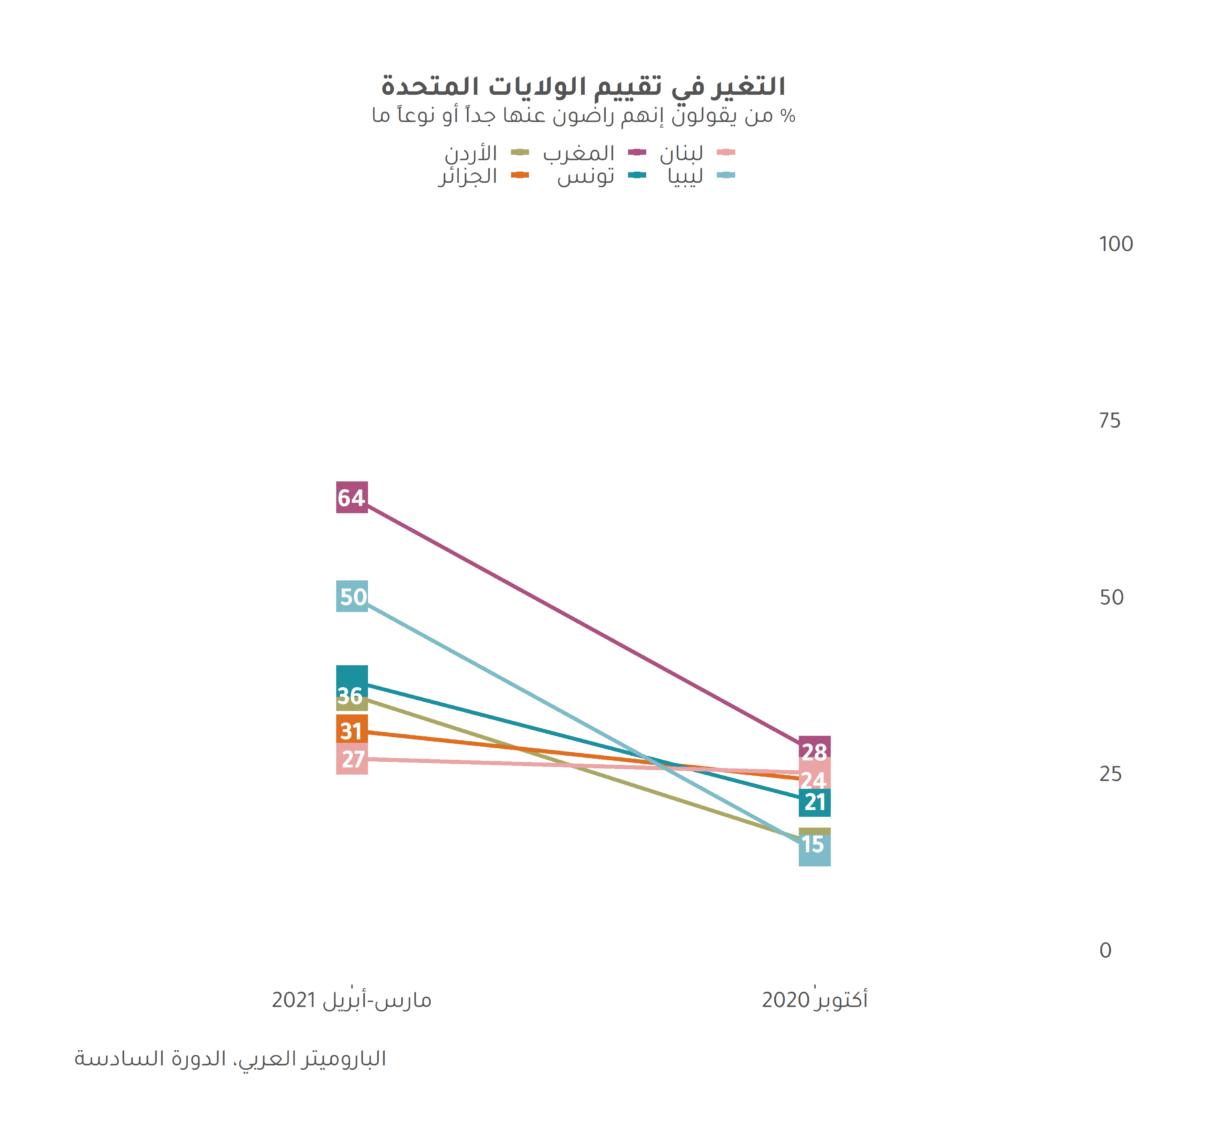 شهر عسل بايدن: تغير الآراء حول الولايات المتحدة الأمريكية في الدورة السادسة من الباروميتر العربي